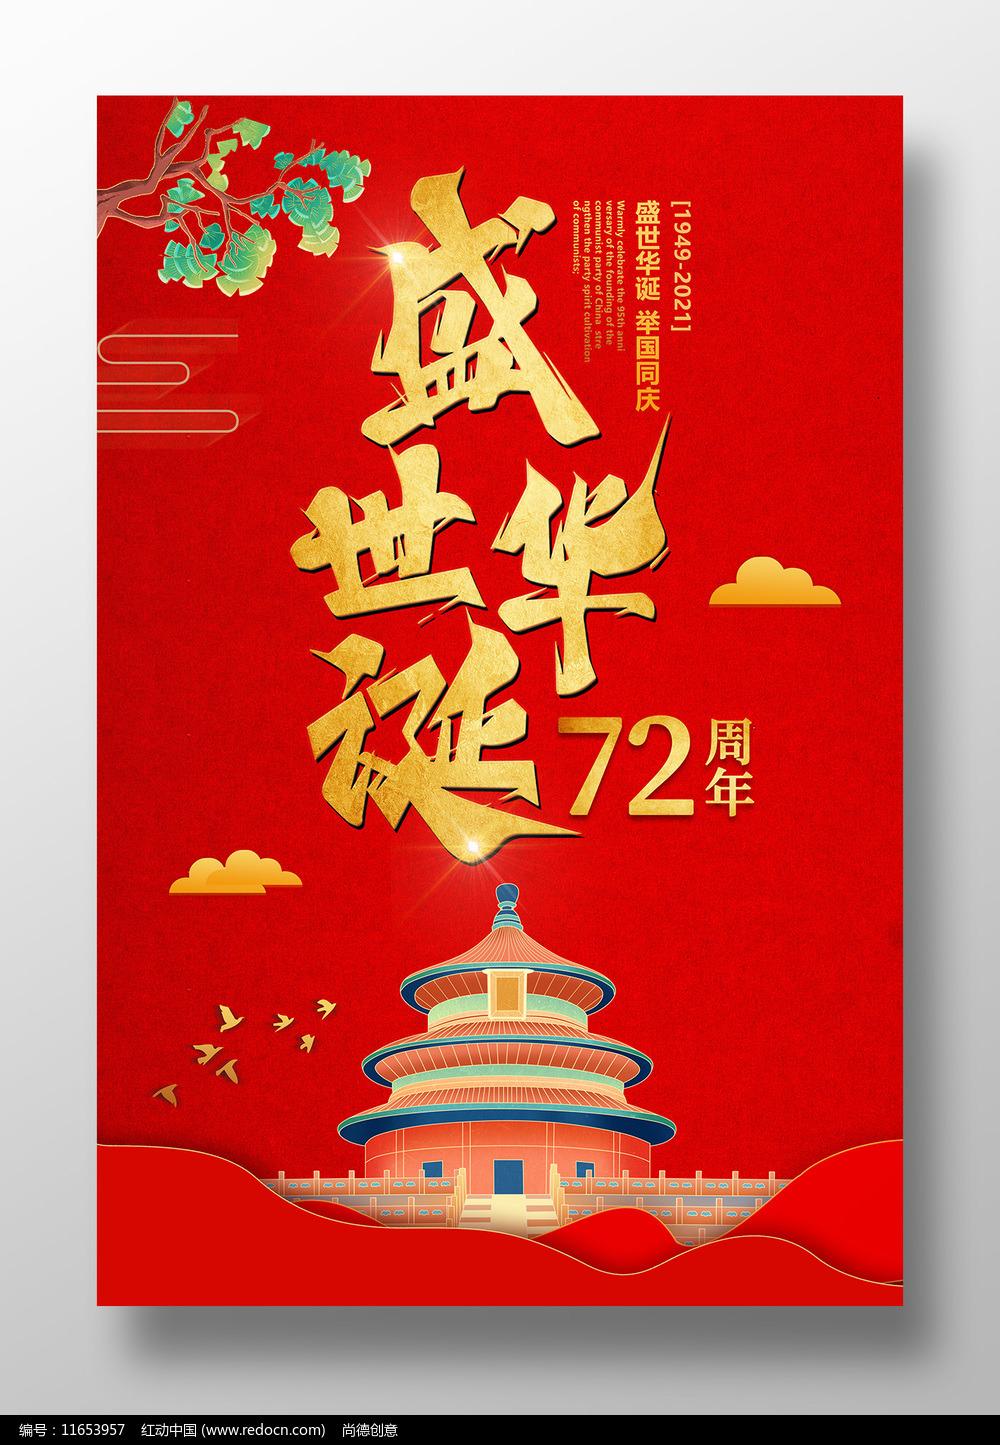 红色盛世华诞举国同庆建国72周年海报图片